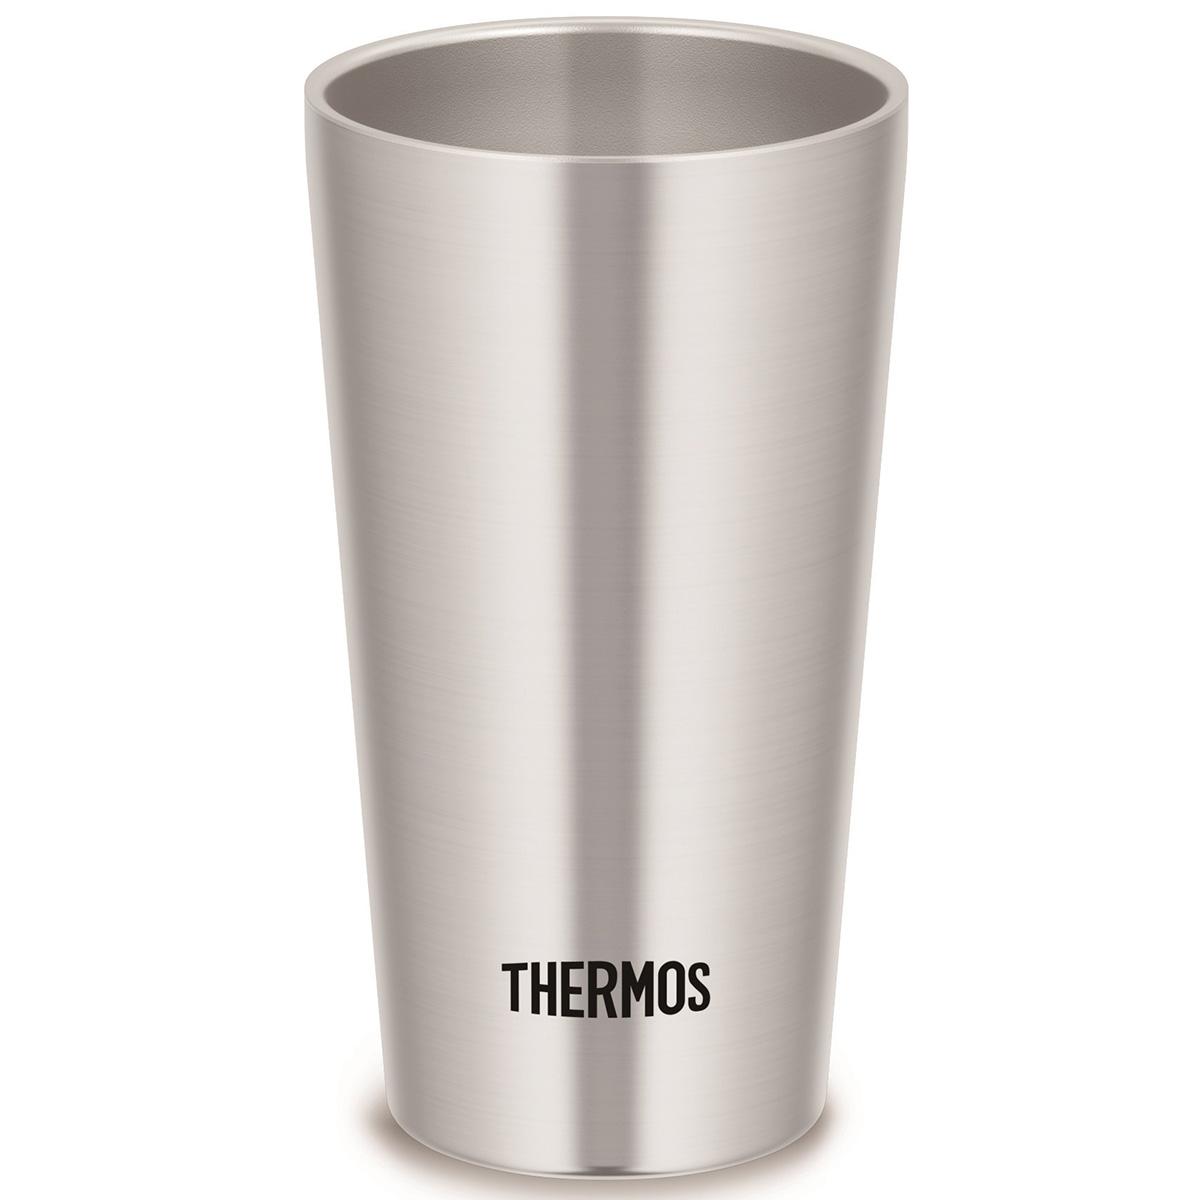 真空断熱タンブラー 0.3L